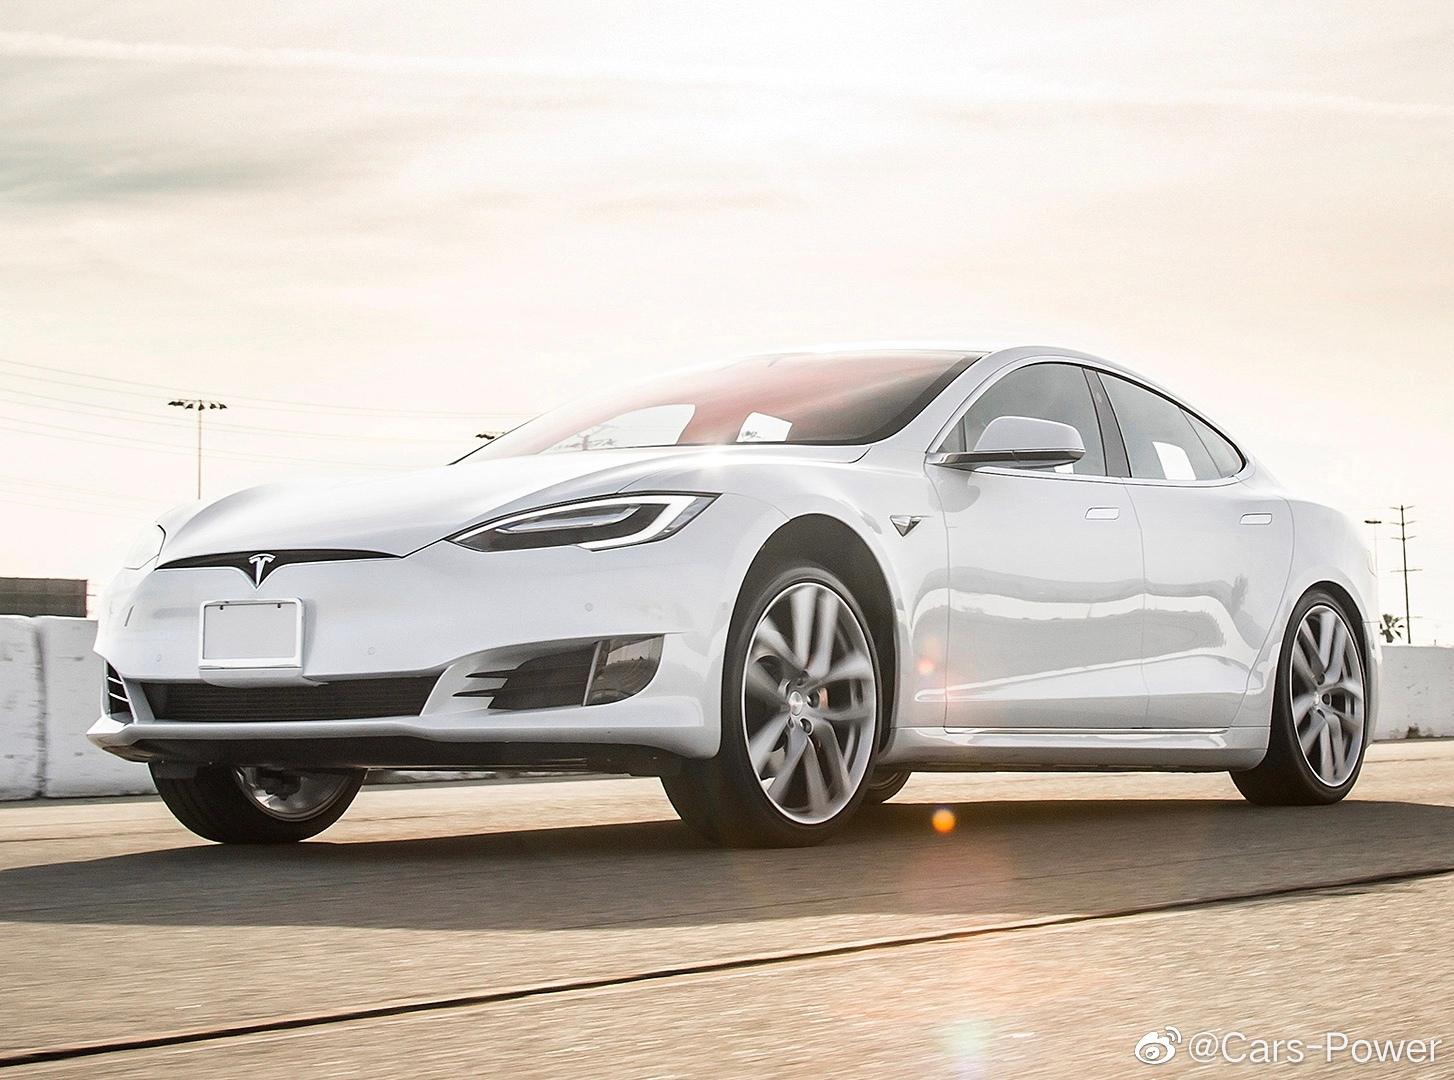 纯电豪华四门轿跑车大集结特斯拉Model S保时捷Taycan